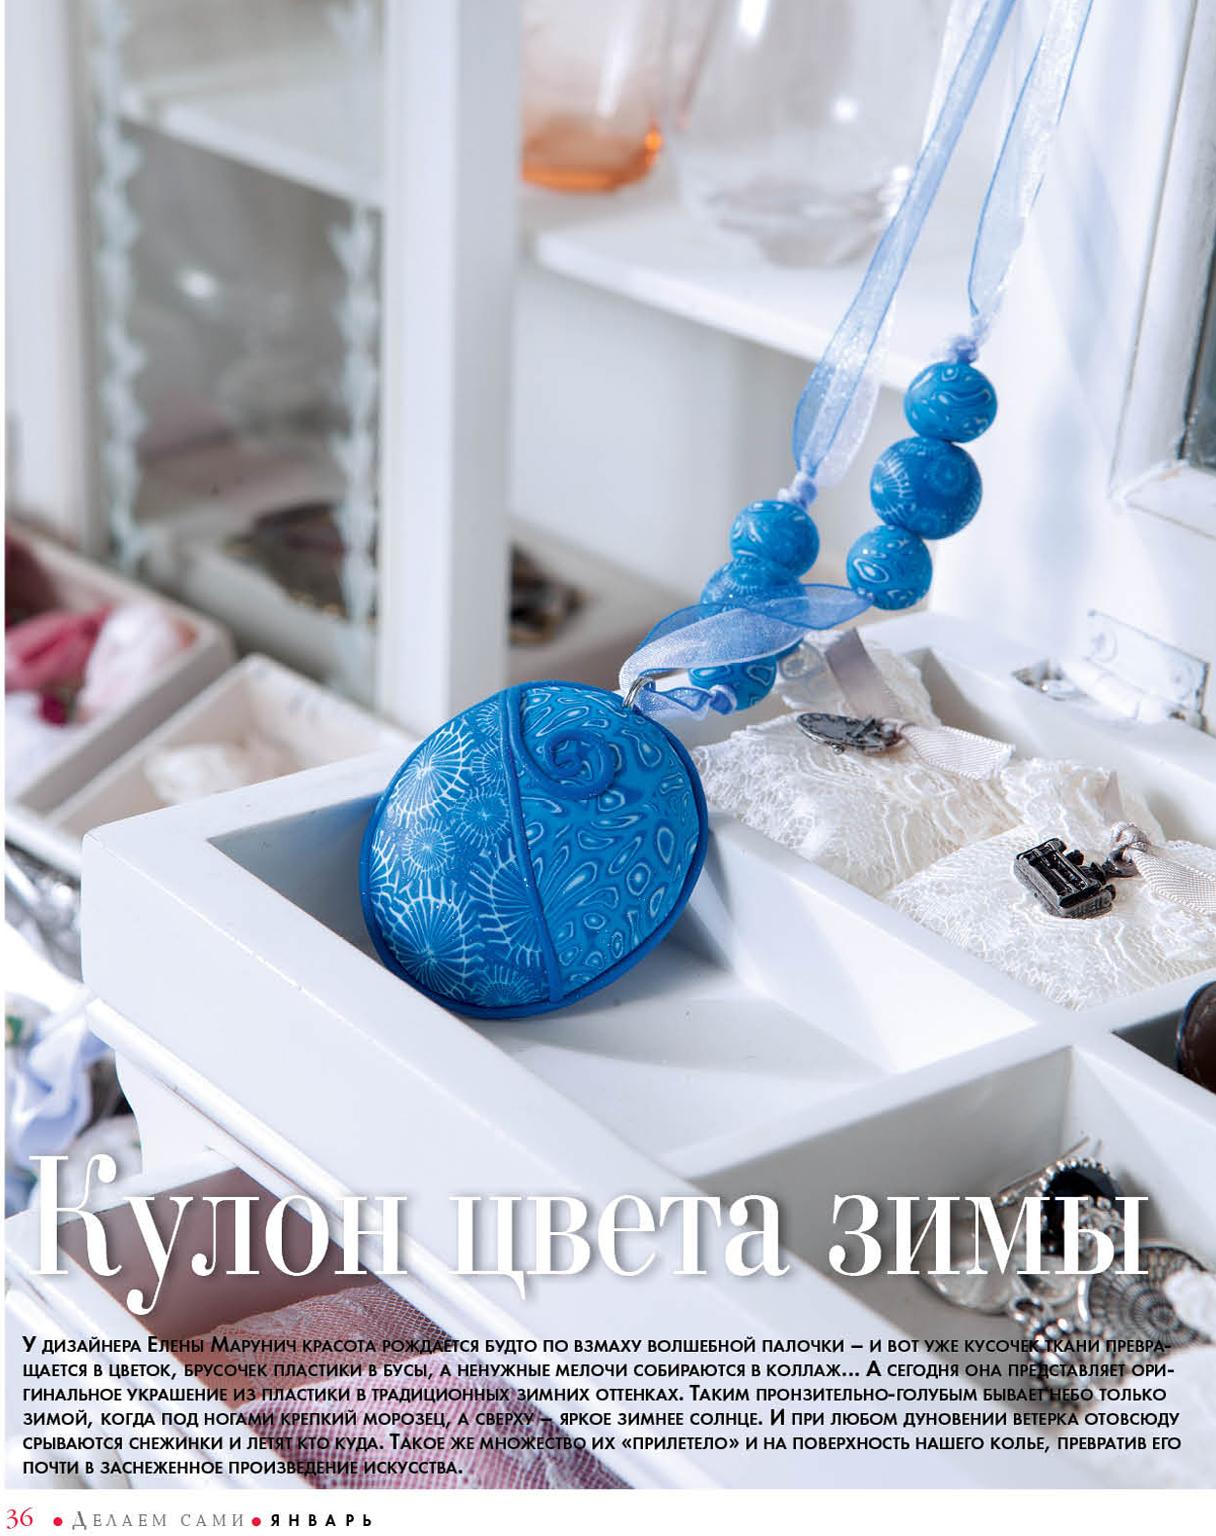 полимерная глина уроки для начинающих, полимерная глина для начинающих, полимерная глина мастер-класс, мастер-класс по полимерной глине, украшения из полимерной глины своими руками, украшения своими руками,